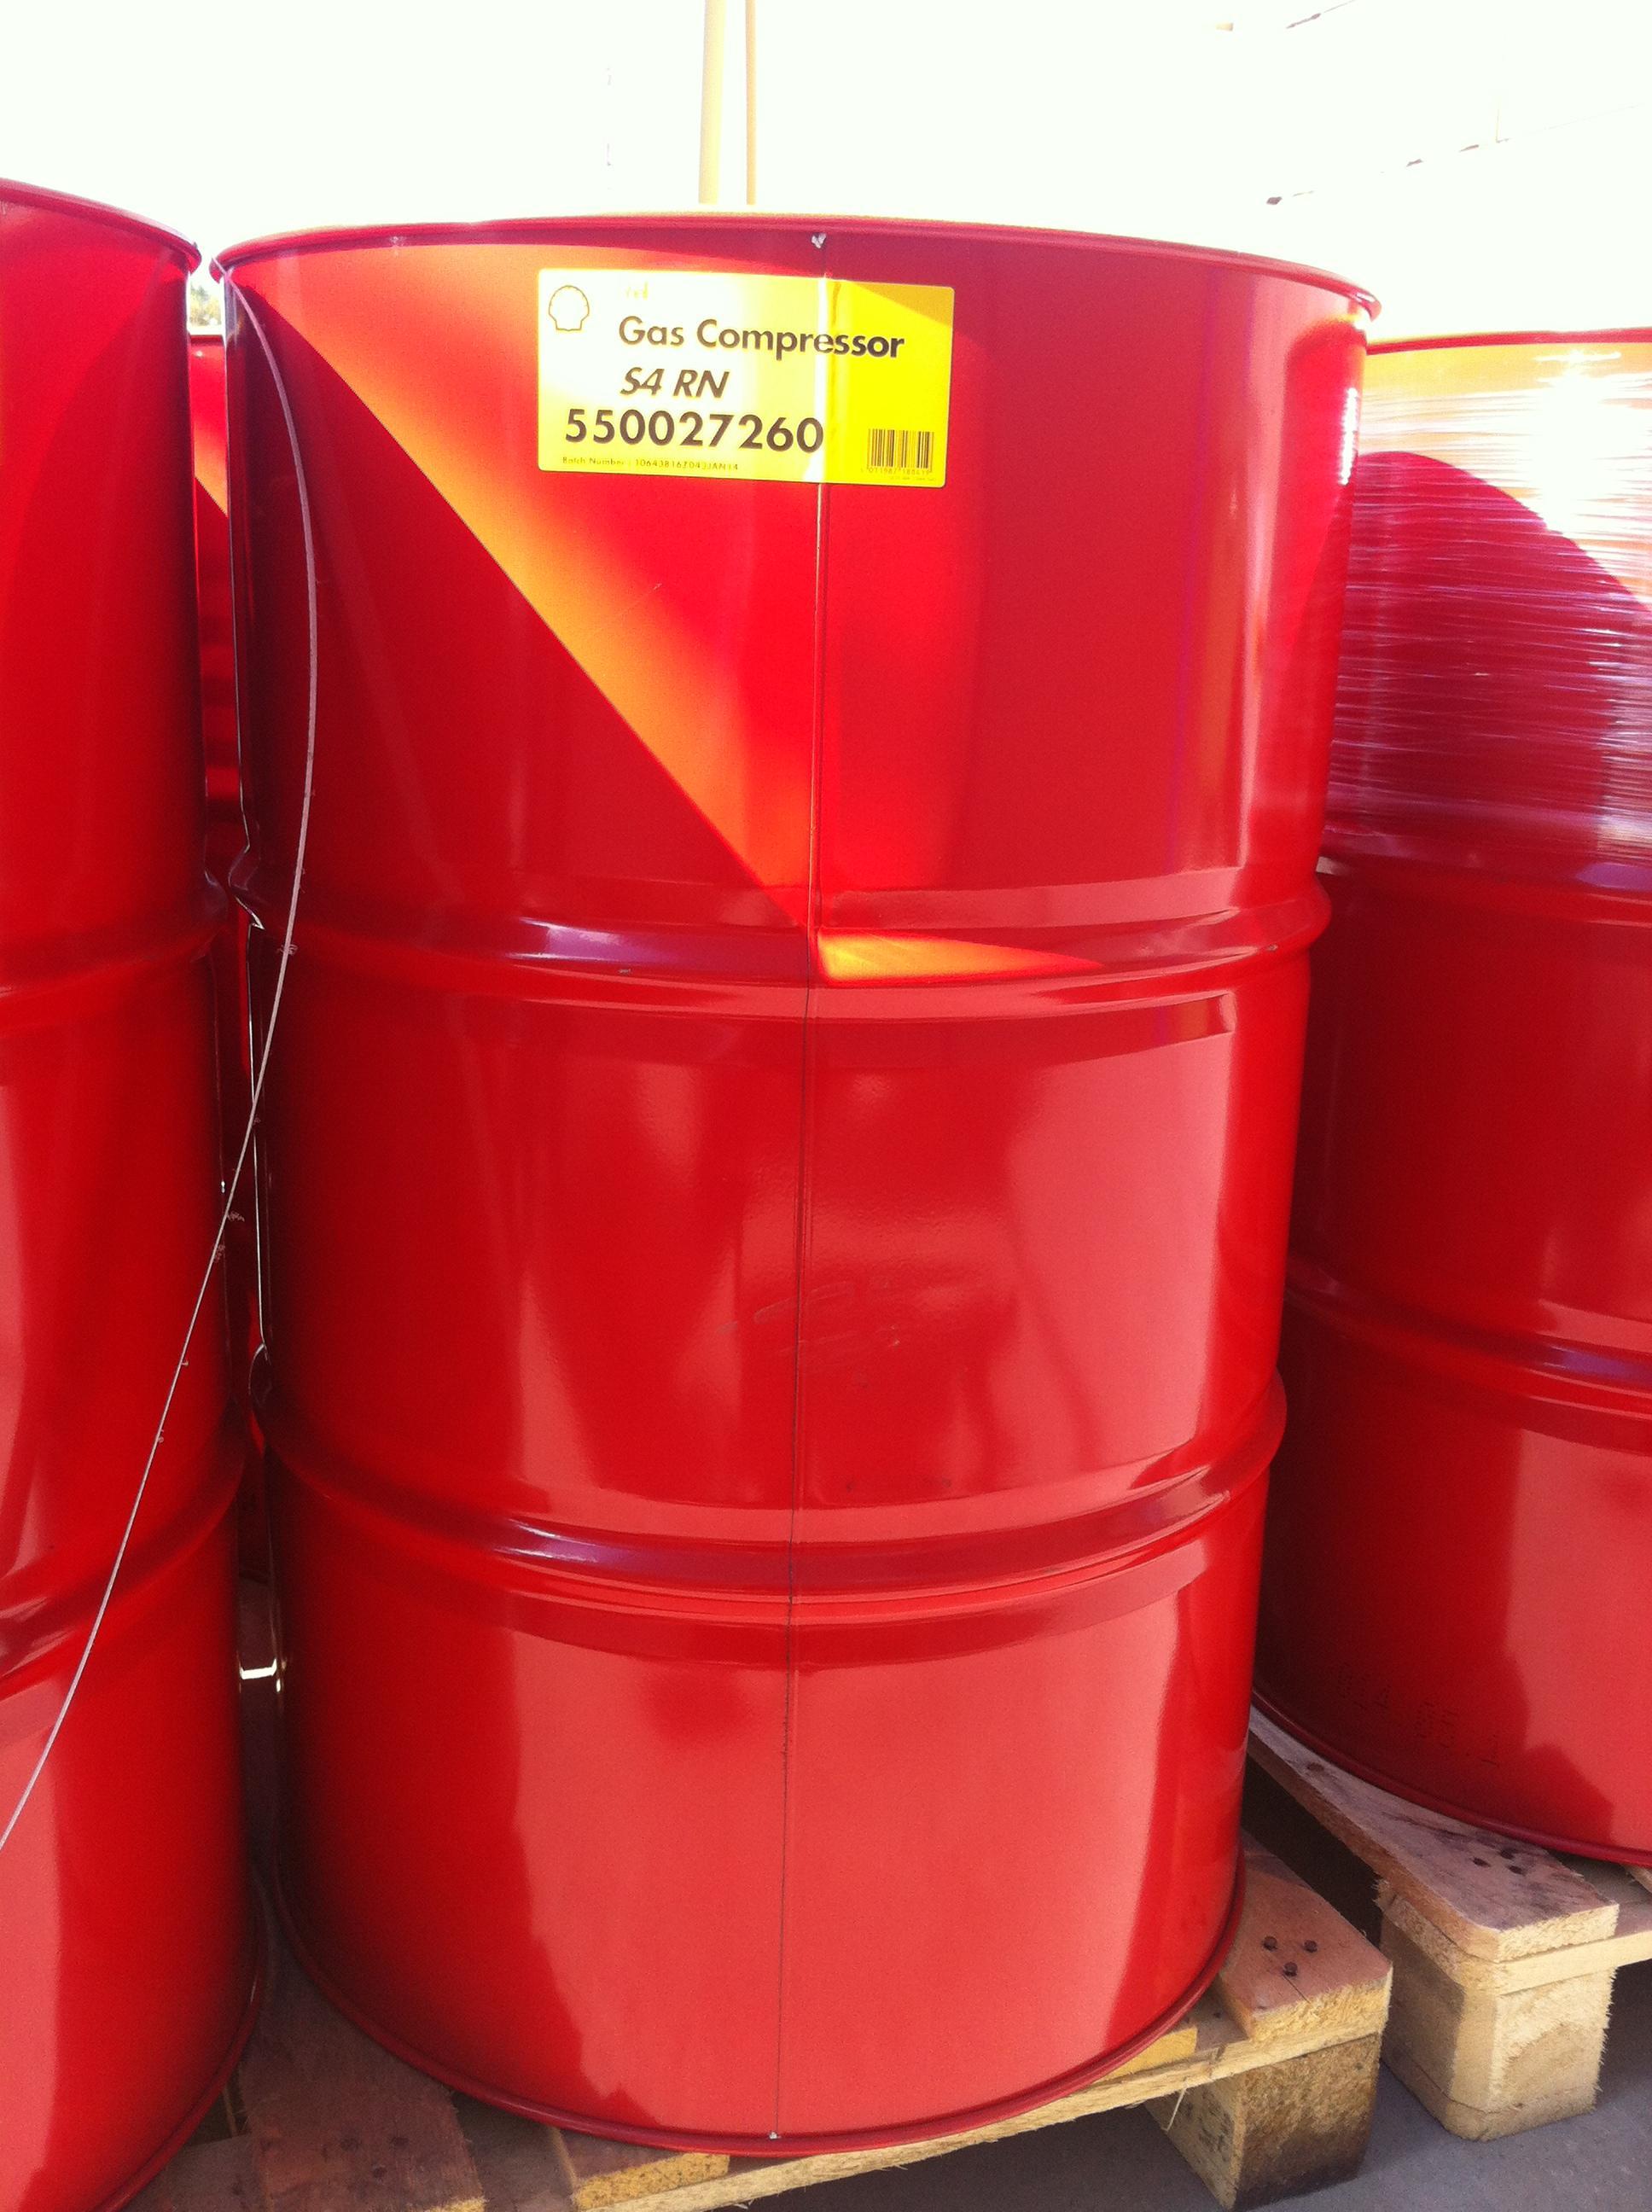 Масло Shell Gas Compressor Oil S4 RN 68 специально разработано для смазывания ротационных винтовых компрессоров, компримирующих природный и другие газы при низком давлении.